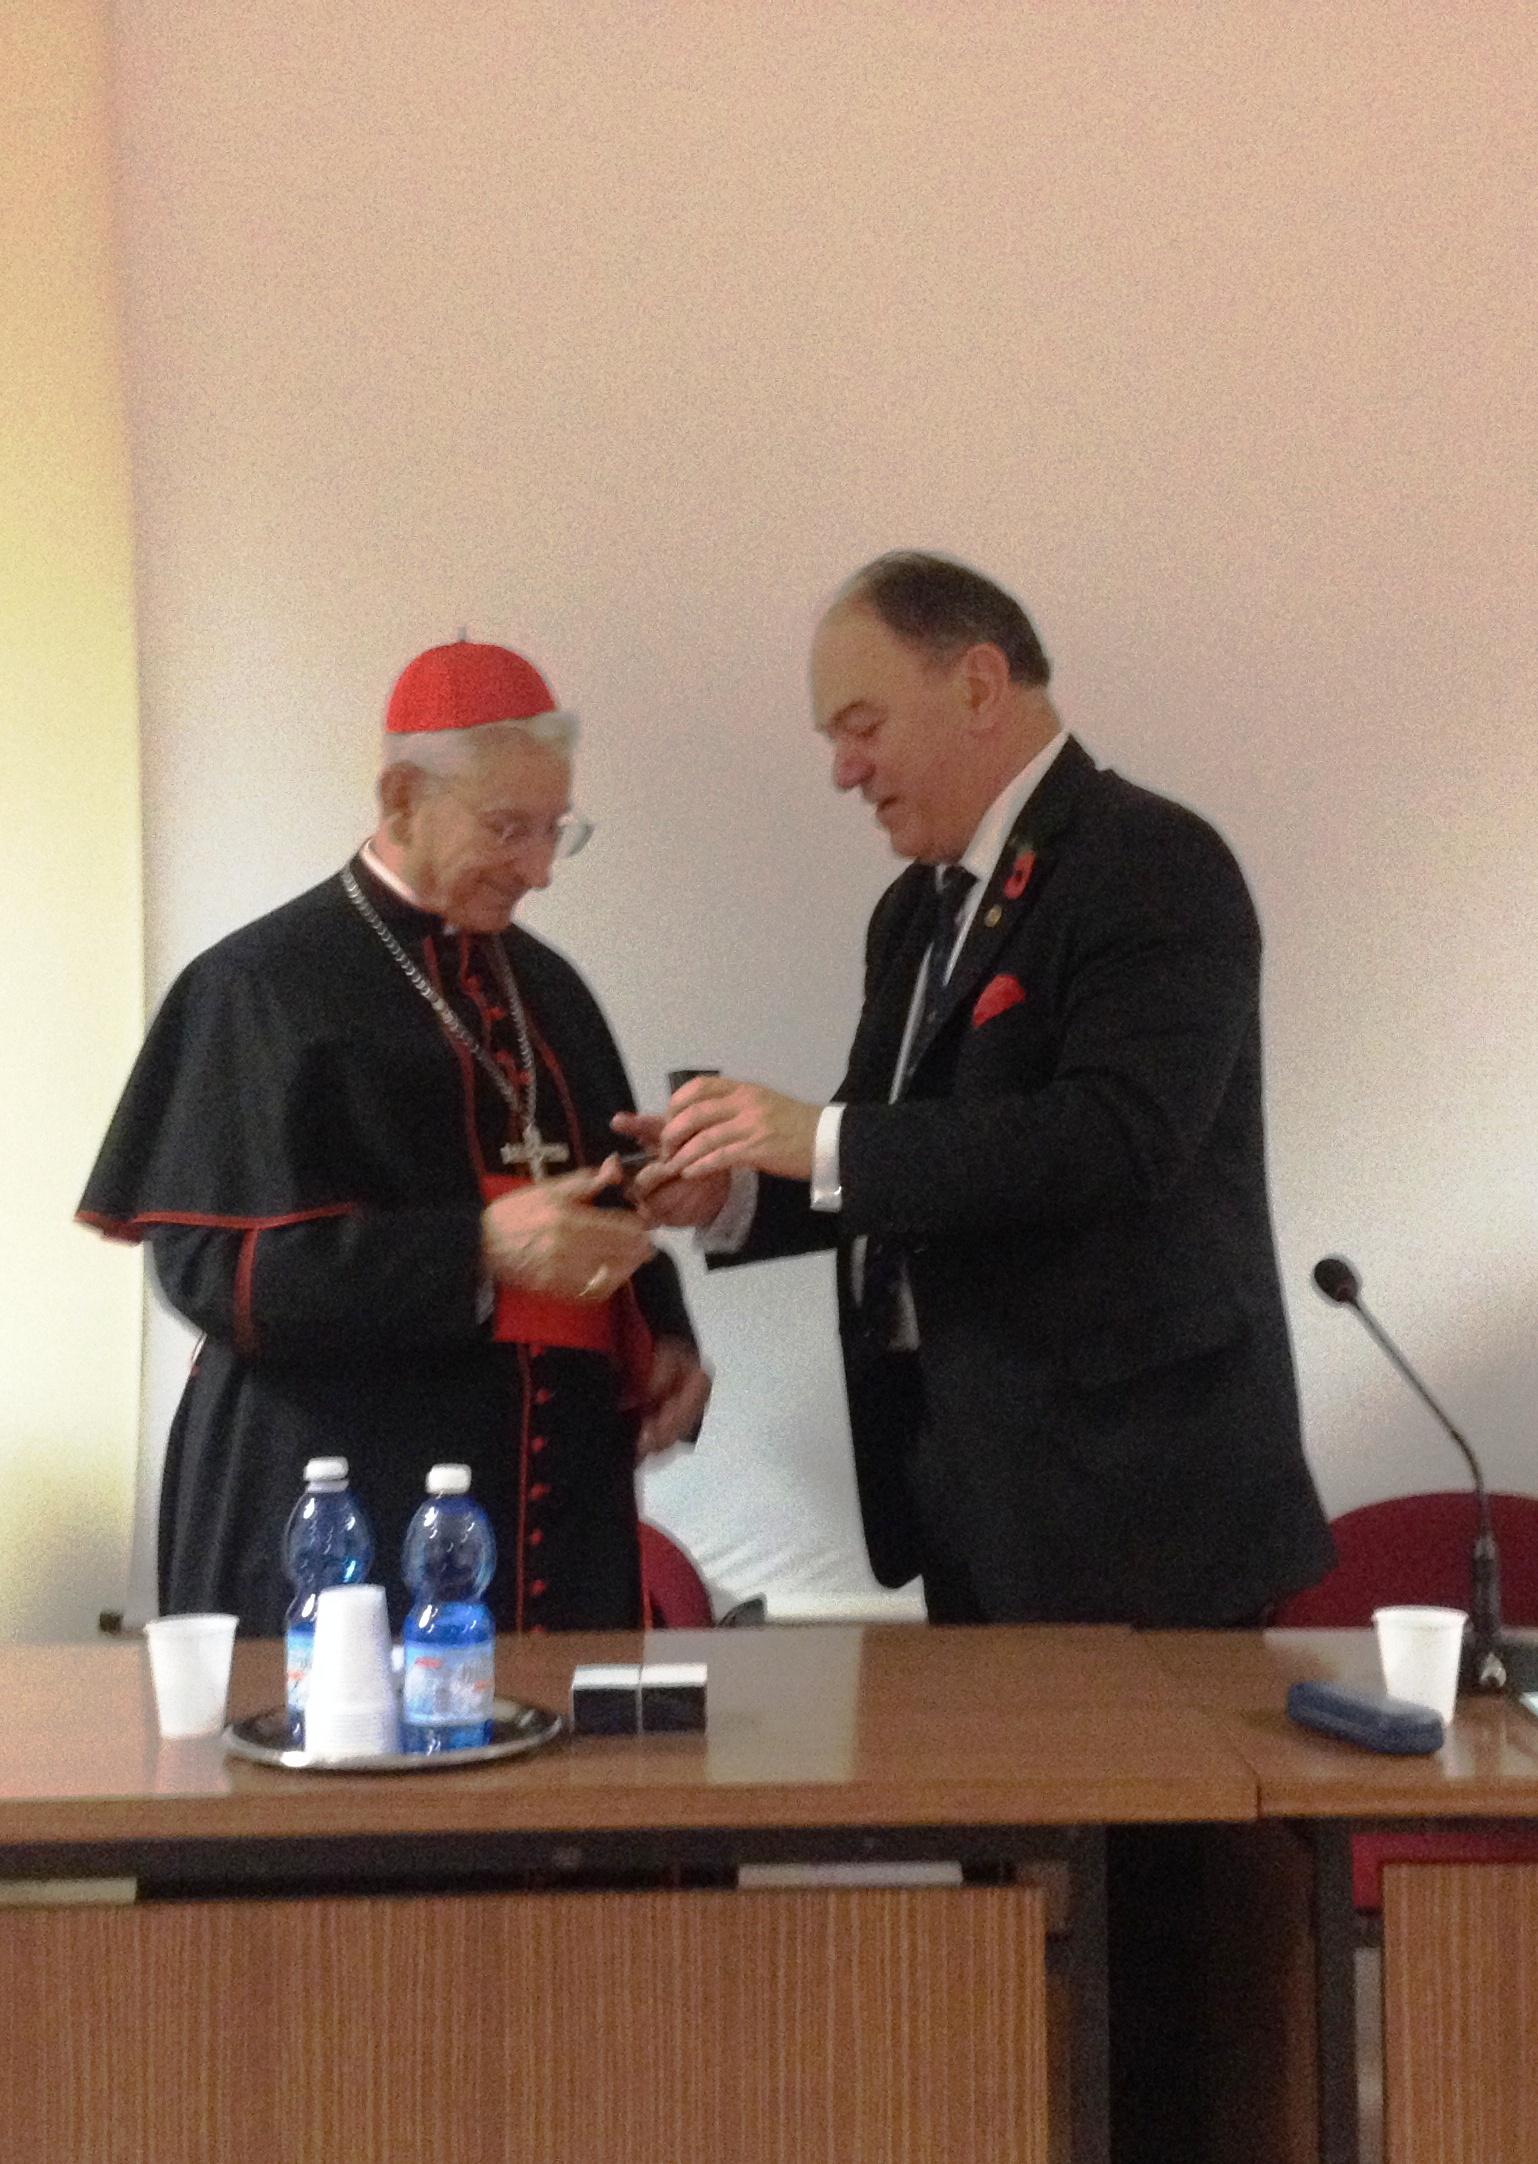 Consegna della medaglia De Saventhem al card. Castrillon